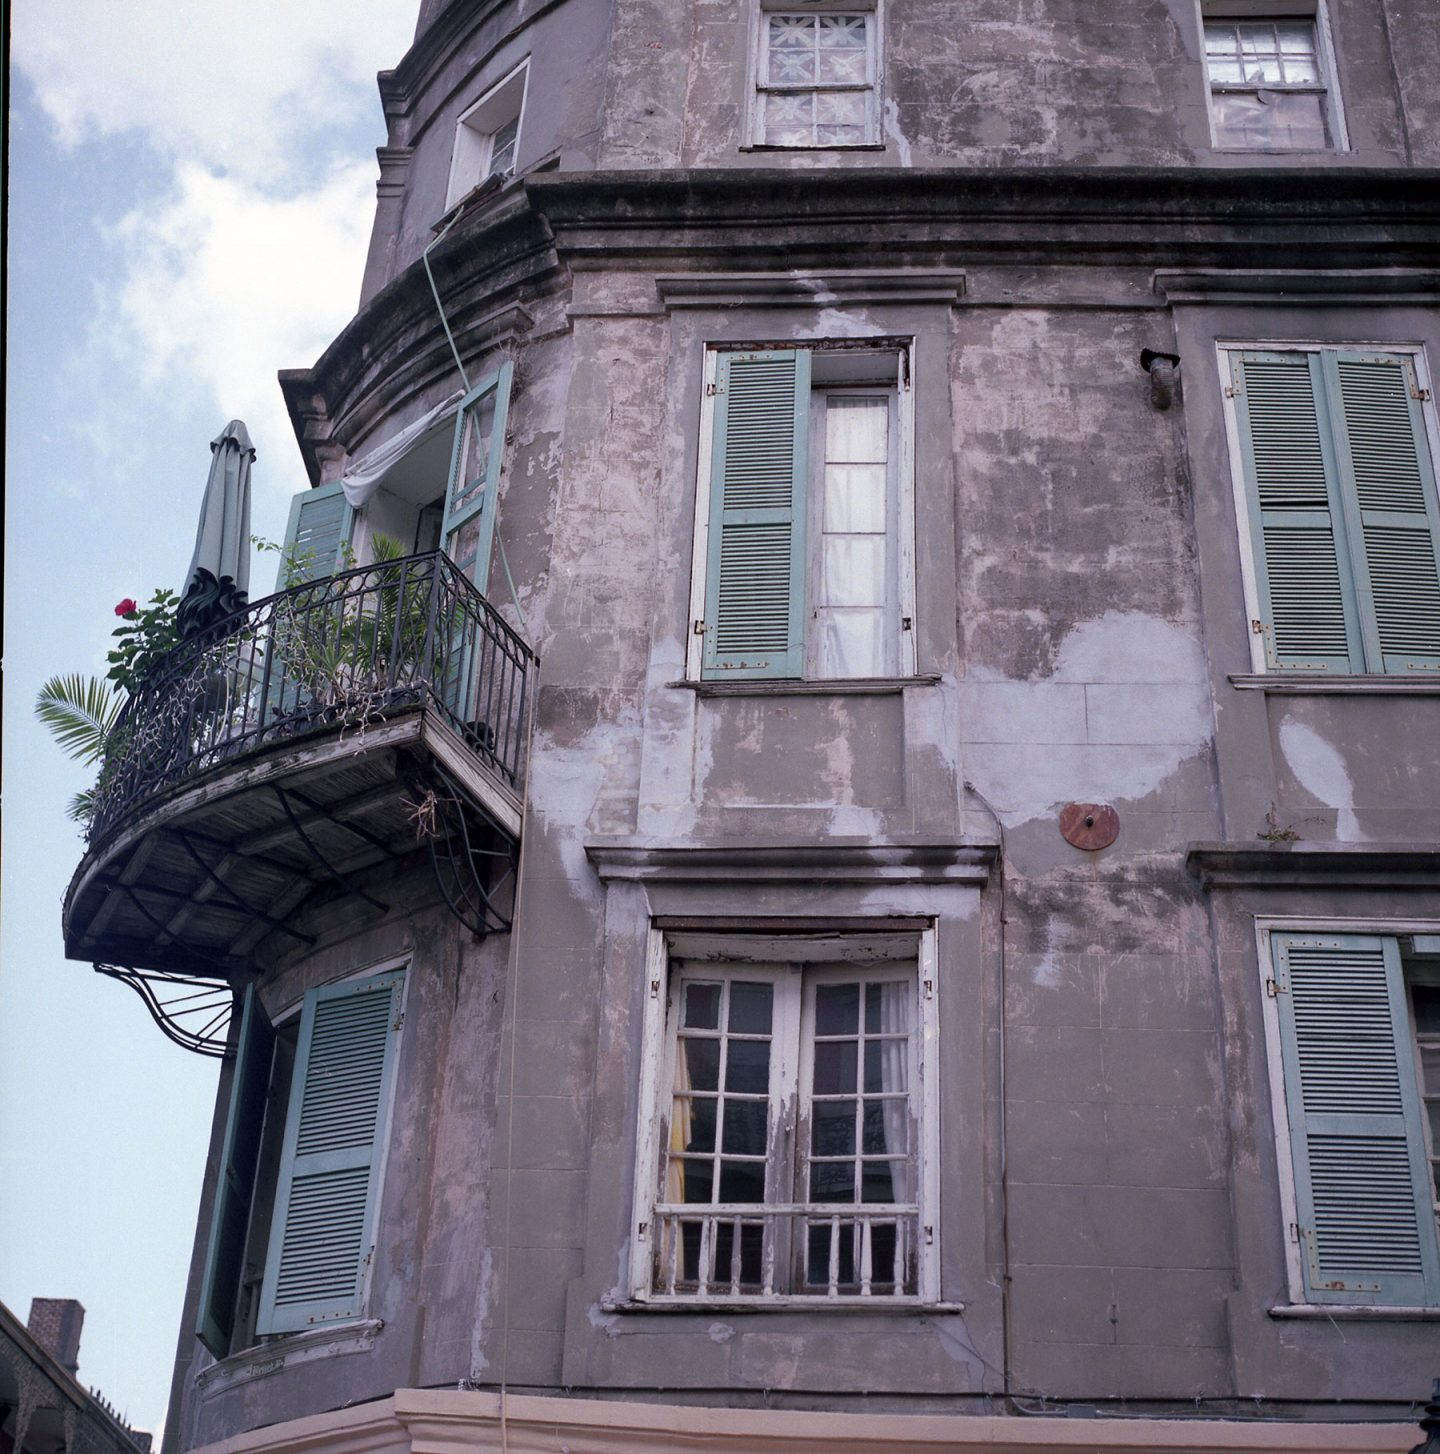 New Orleans Sessions No1 – Hasselblad 500cm Medium Format film